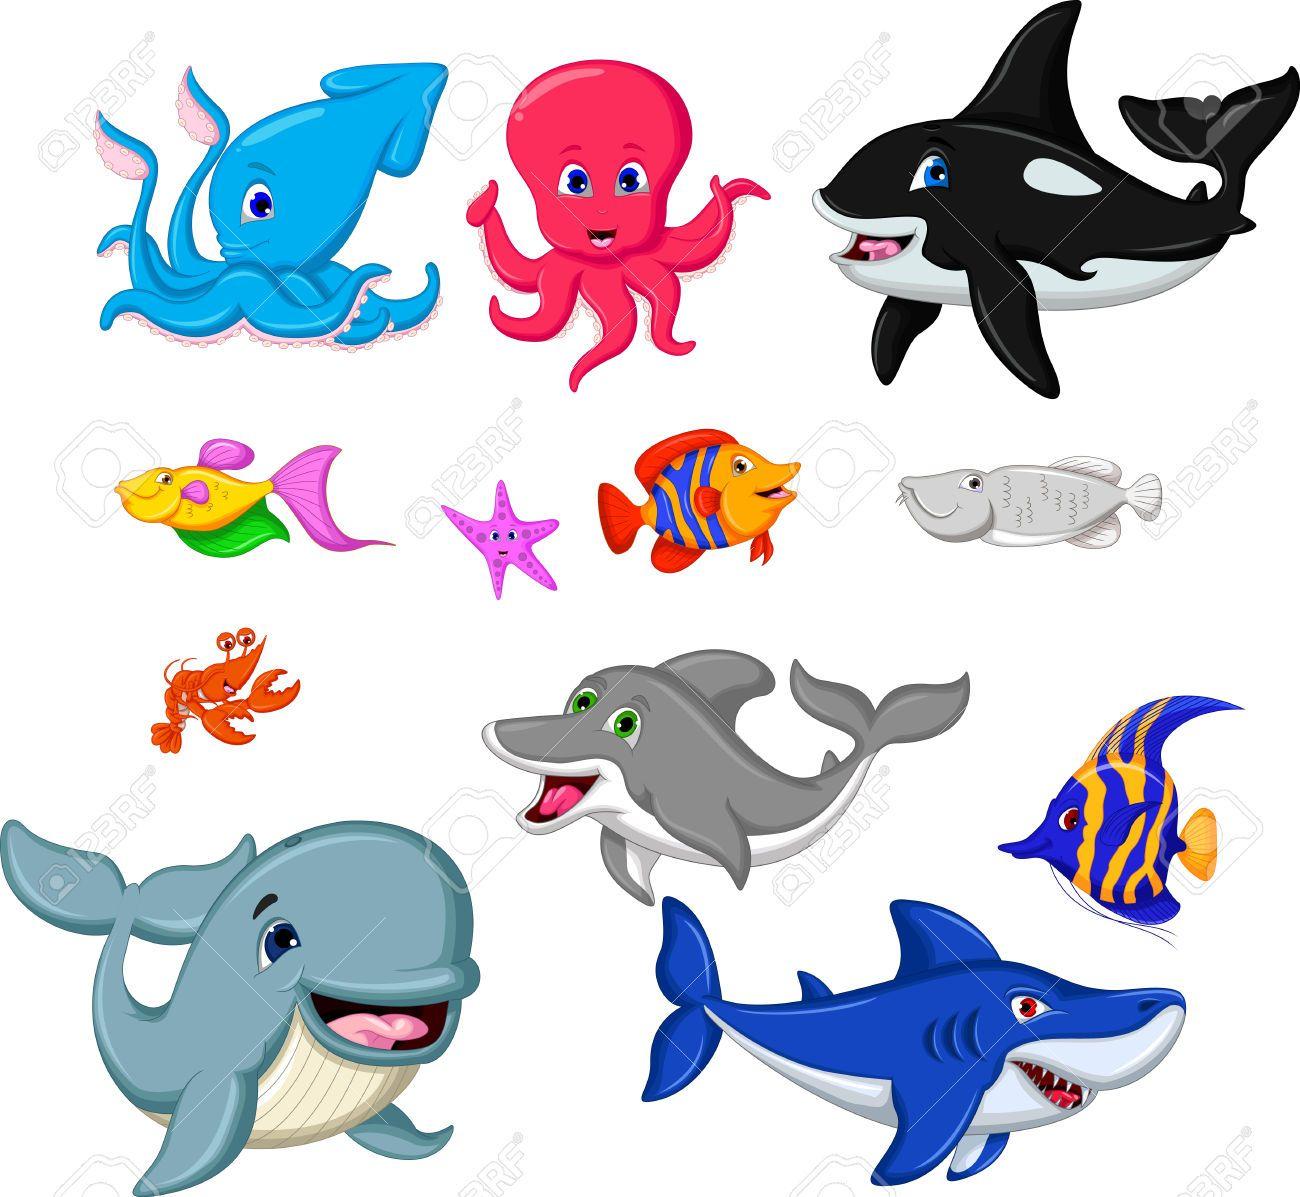 Animales Acuticos Animados Buscar Con Google BABY